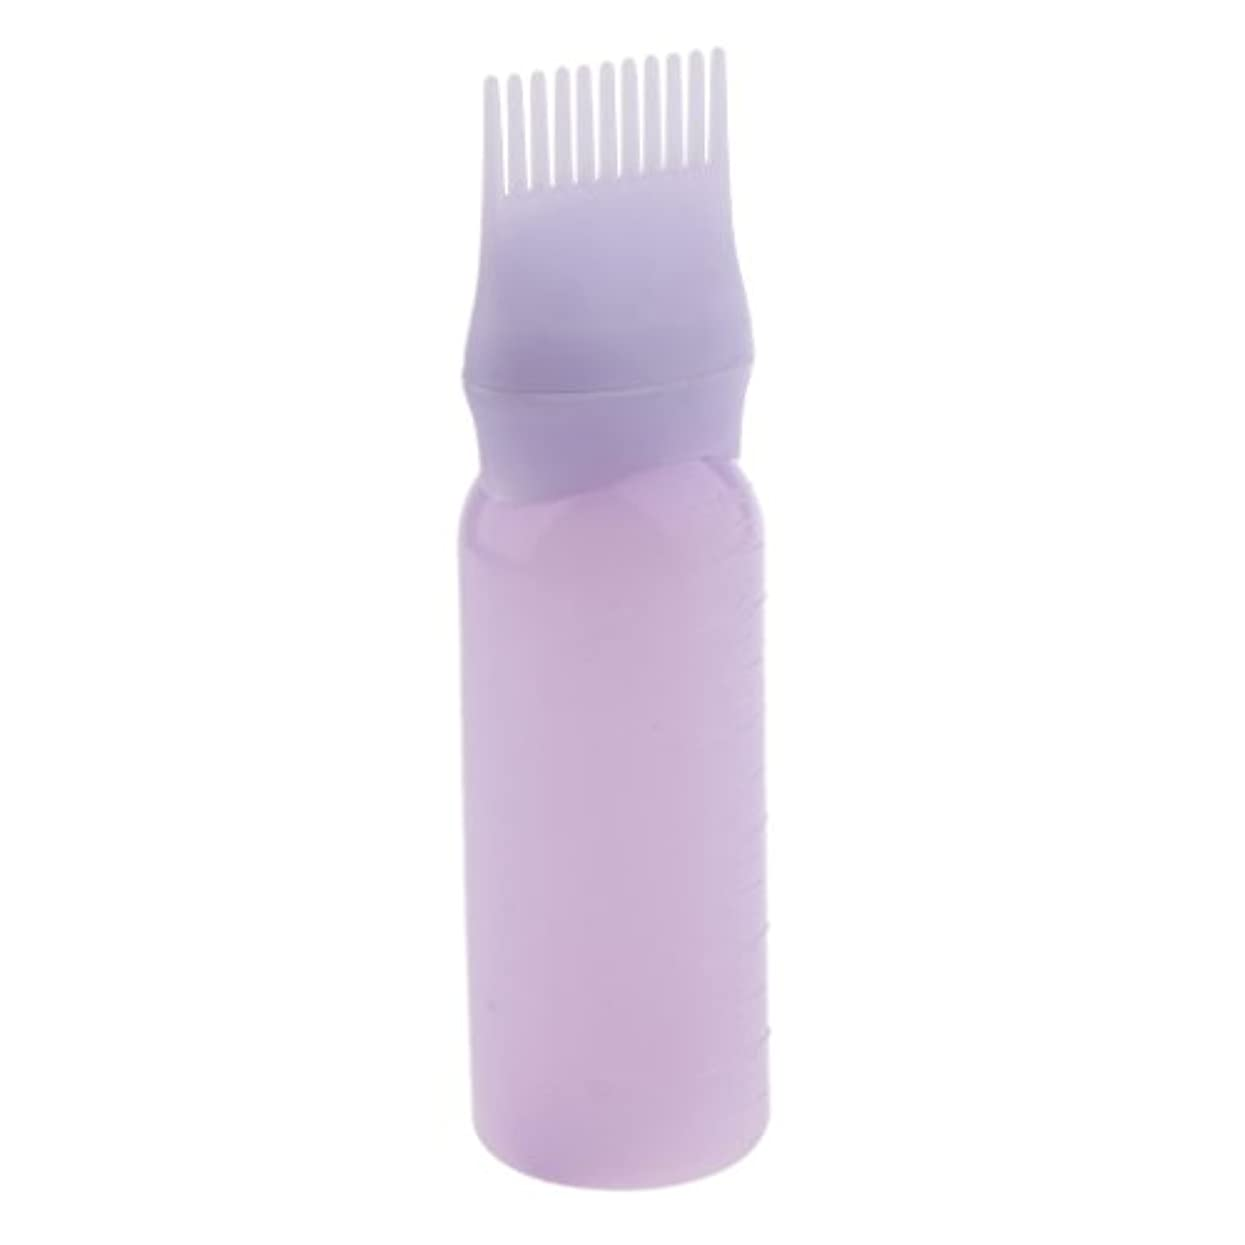 パンダ杭ほこりっぽいToygogo ヘアカラー ヘアダイ ボトル アプリケーターブラシ 調剤 120ml 2タイプ選べる - 紫